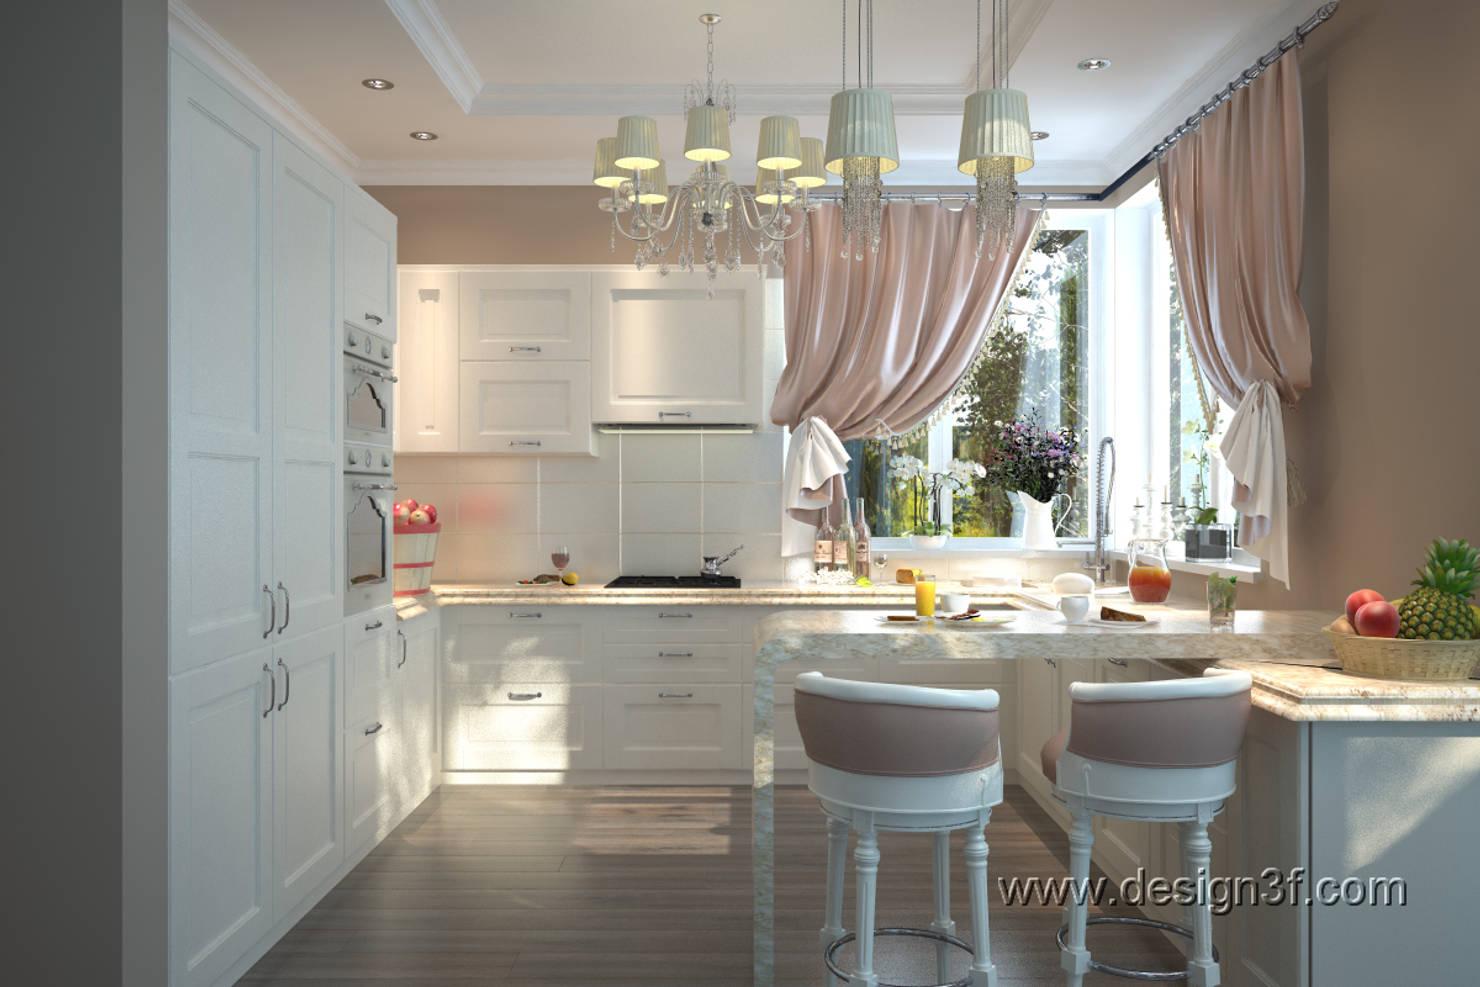 На фото - Дизайн кухни 2018: 20 фото интерьера